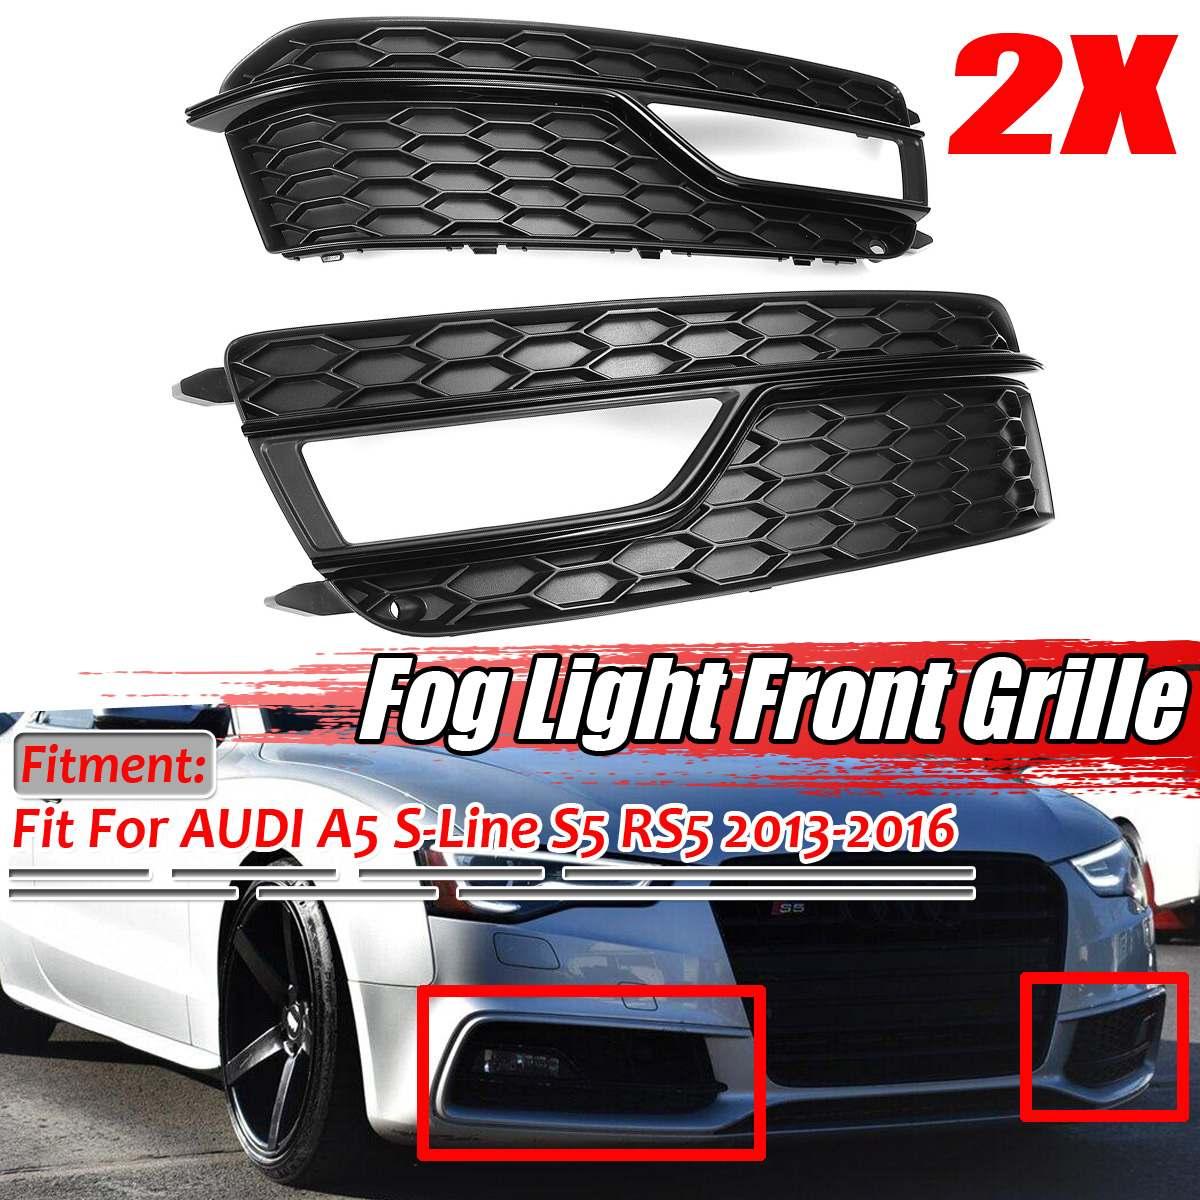 Новый автомобильный передний бампер, противотуманный светильник, решетка для AUDI A5 S Line Bumper S5 2013 2014 2015 2016, противотуманный светильник, лампа для гриля Гоночные решетки      АлиЭкспресс